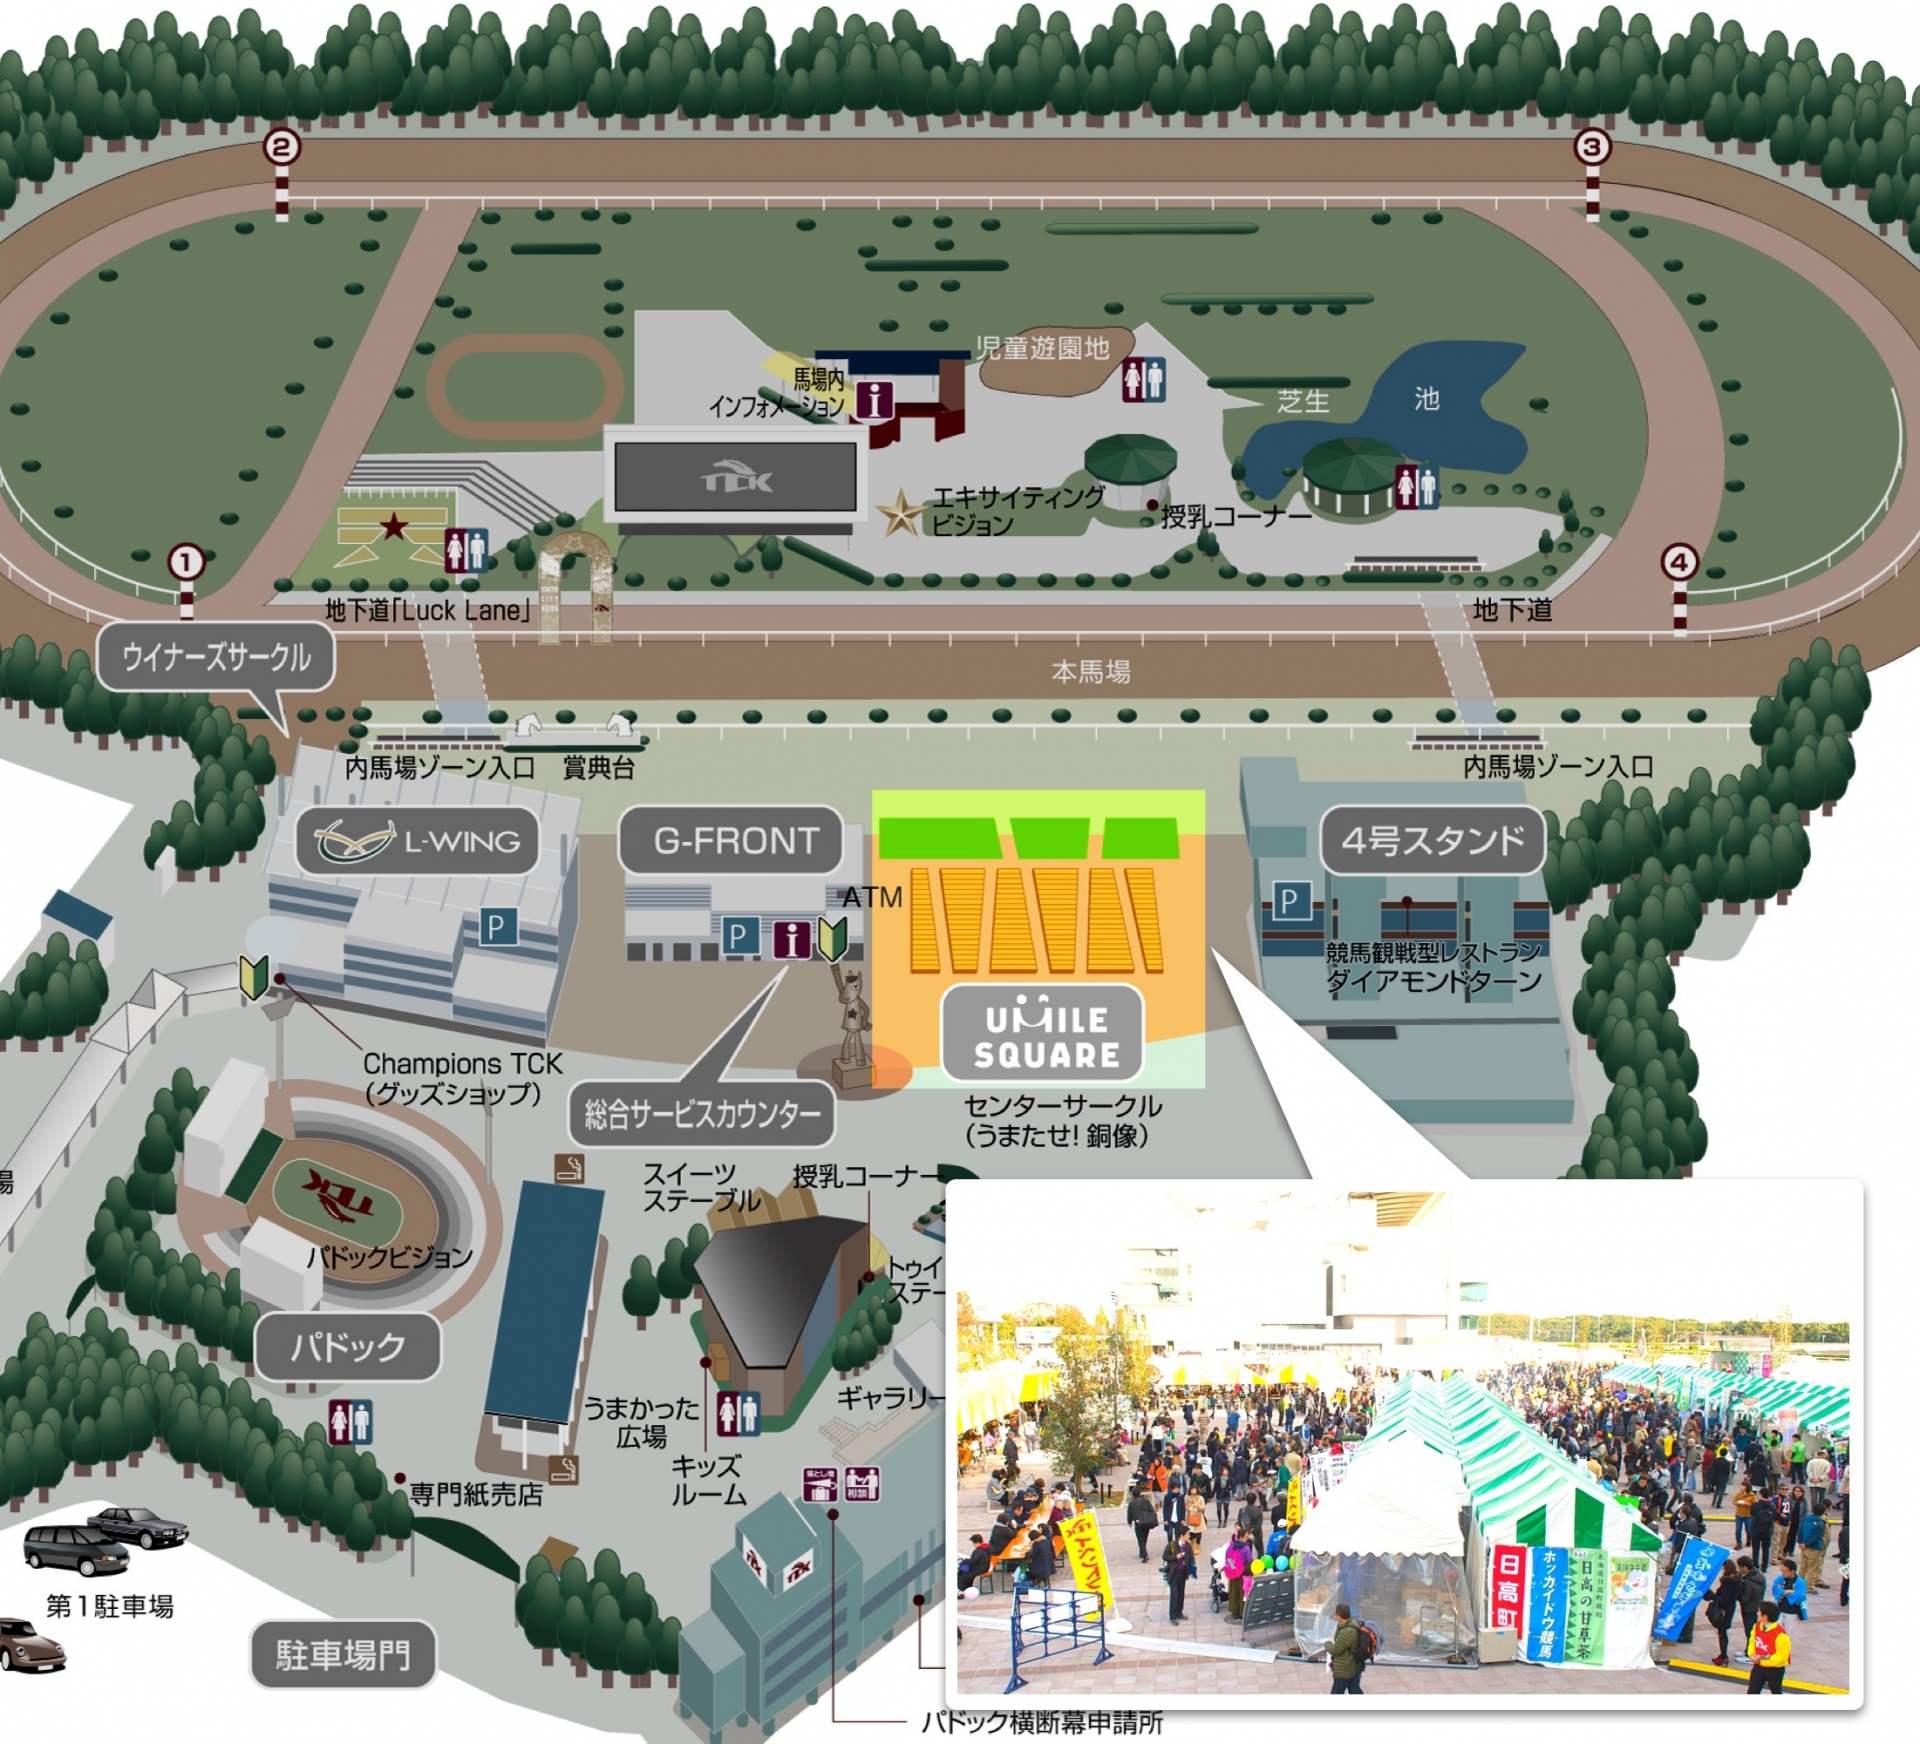 拉面庆典举办地点:UMILE SQUARE